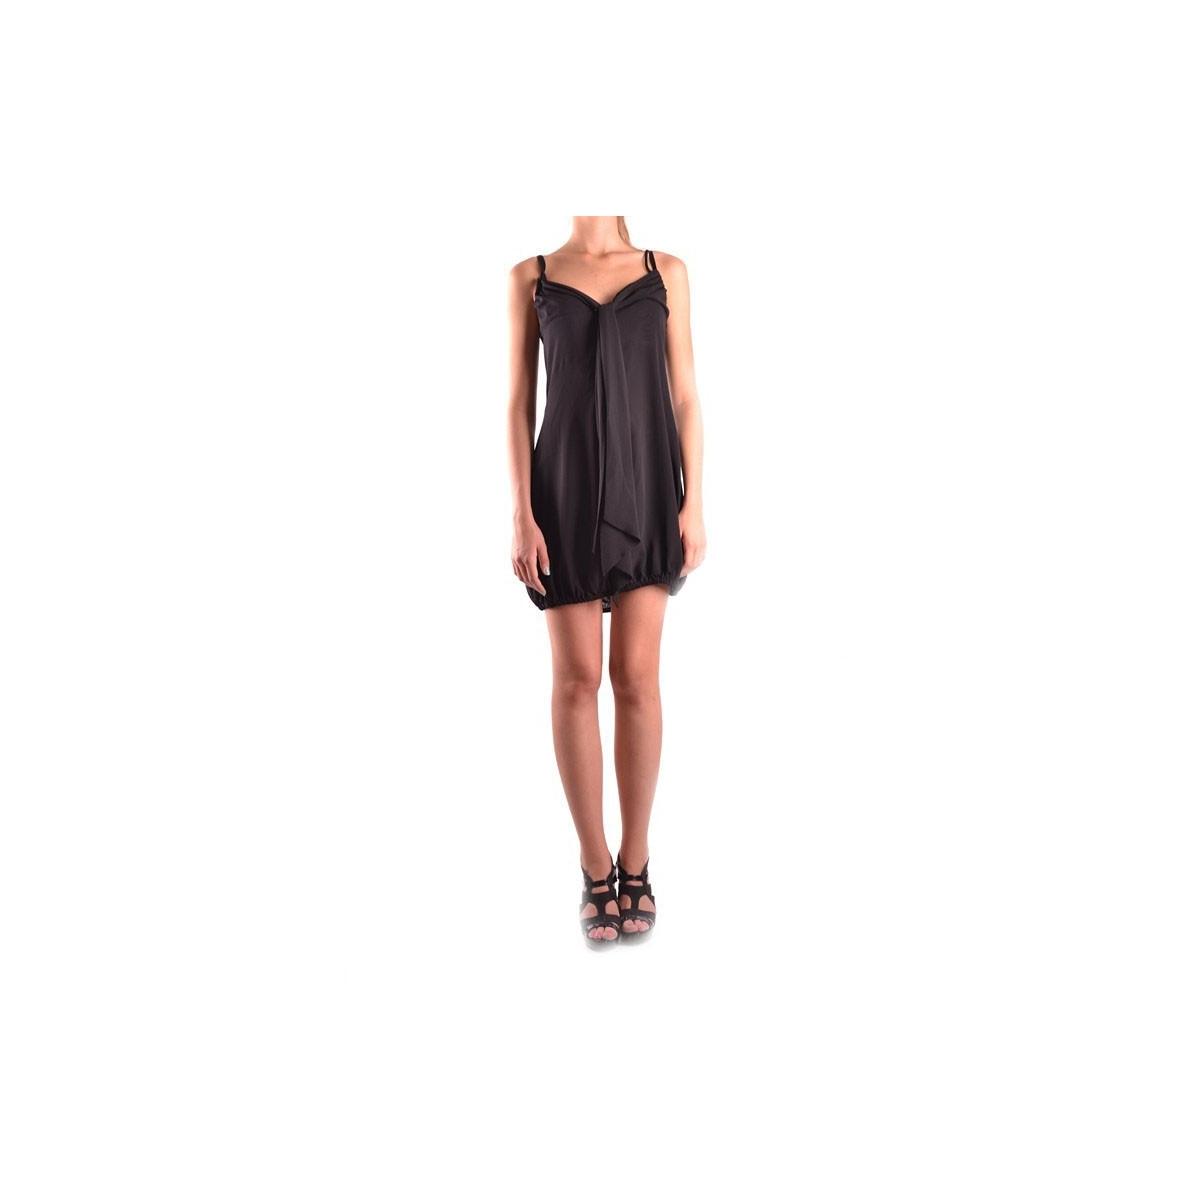 Dsquared abito dress ANCV152 10596IT -60%